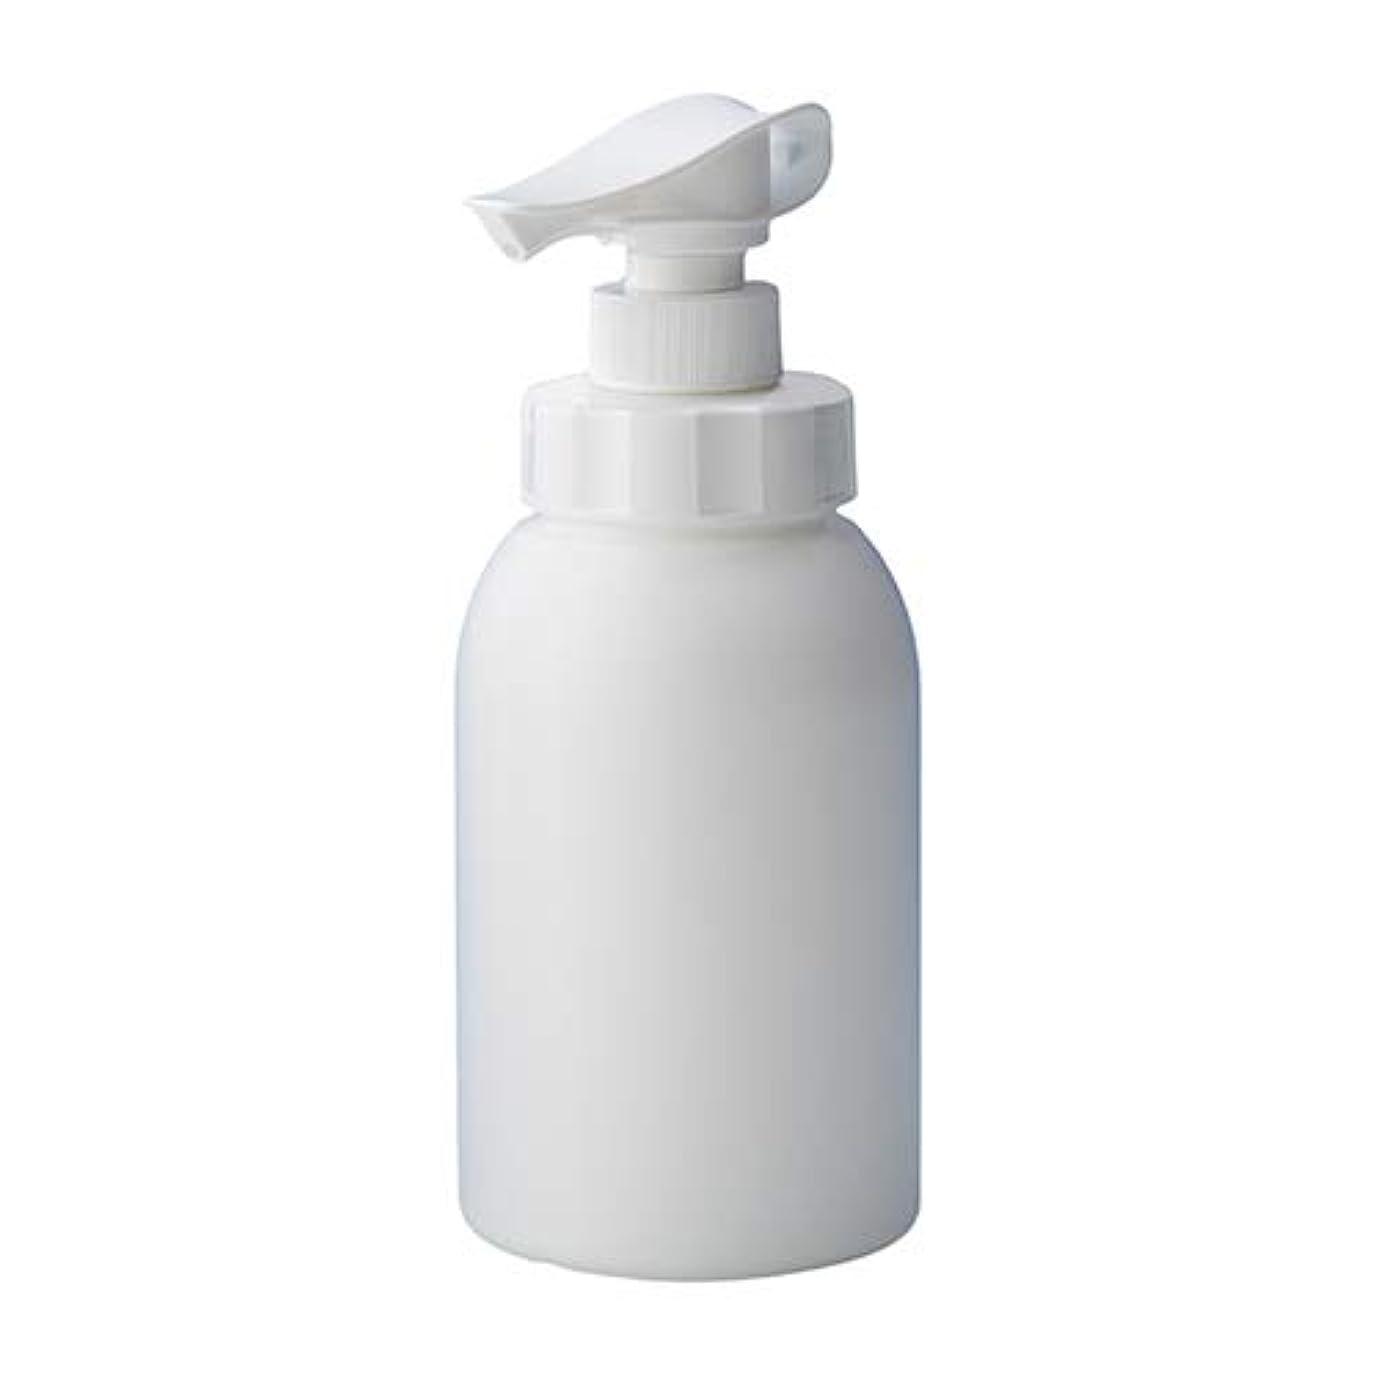 フレキシブル万一に備えて逆に安定感のある ポンプボトル シャンプー コンディショナー リンス ボディソープ ハンドソープ 600ml詰め替え容器 ホワイト 10個セット